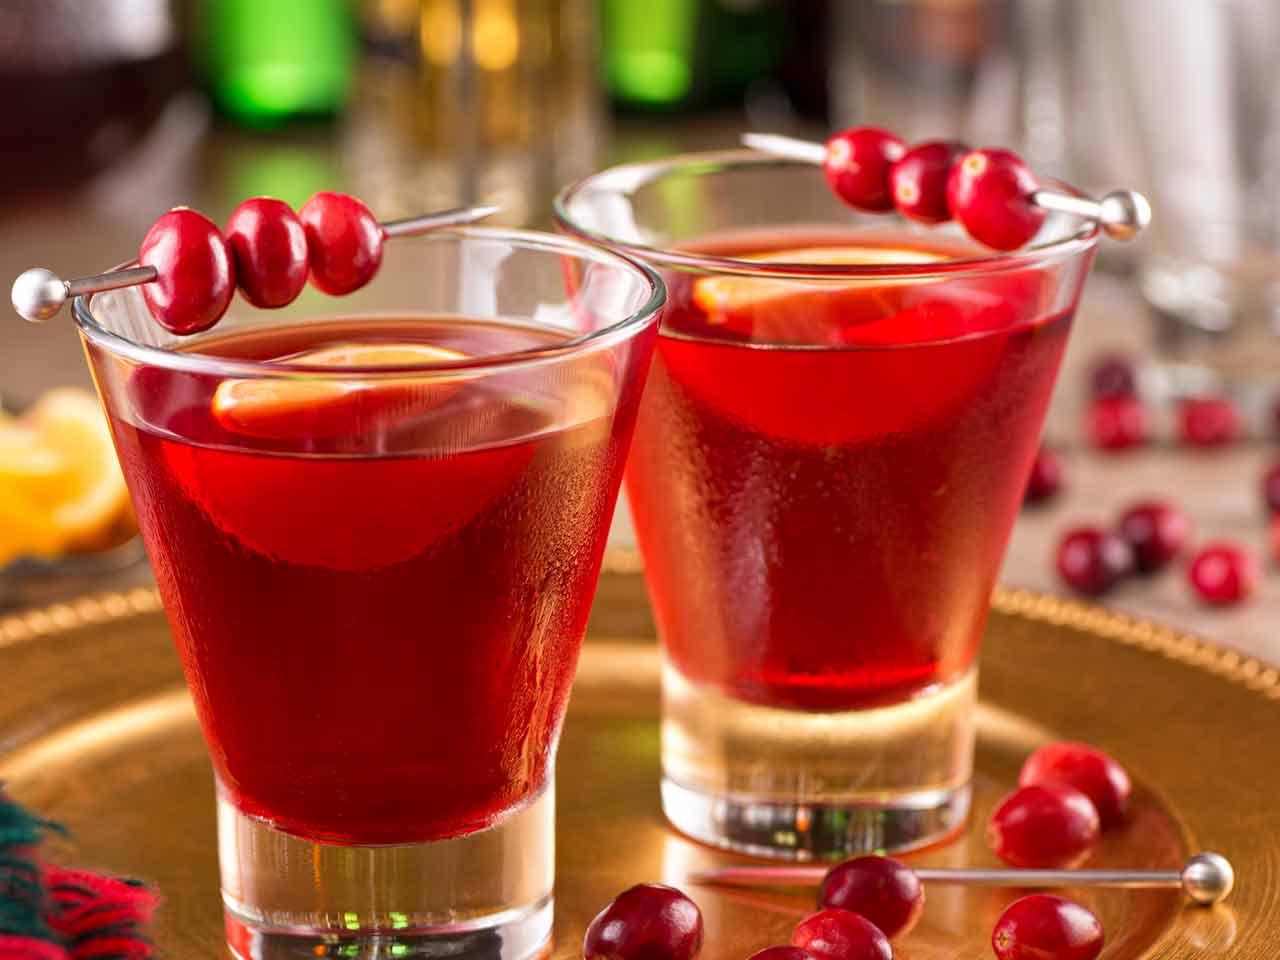 Изображение - Клюква повышает давление 1449296241_christmas-cocktail-ideas-230548438-1280